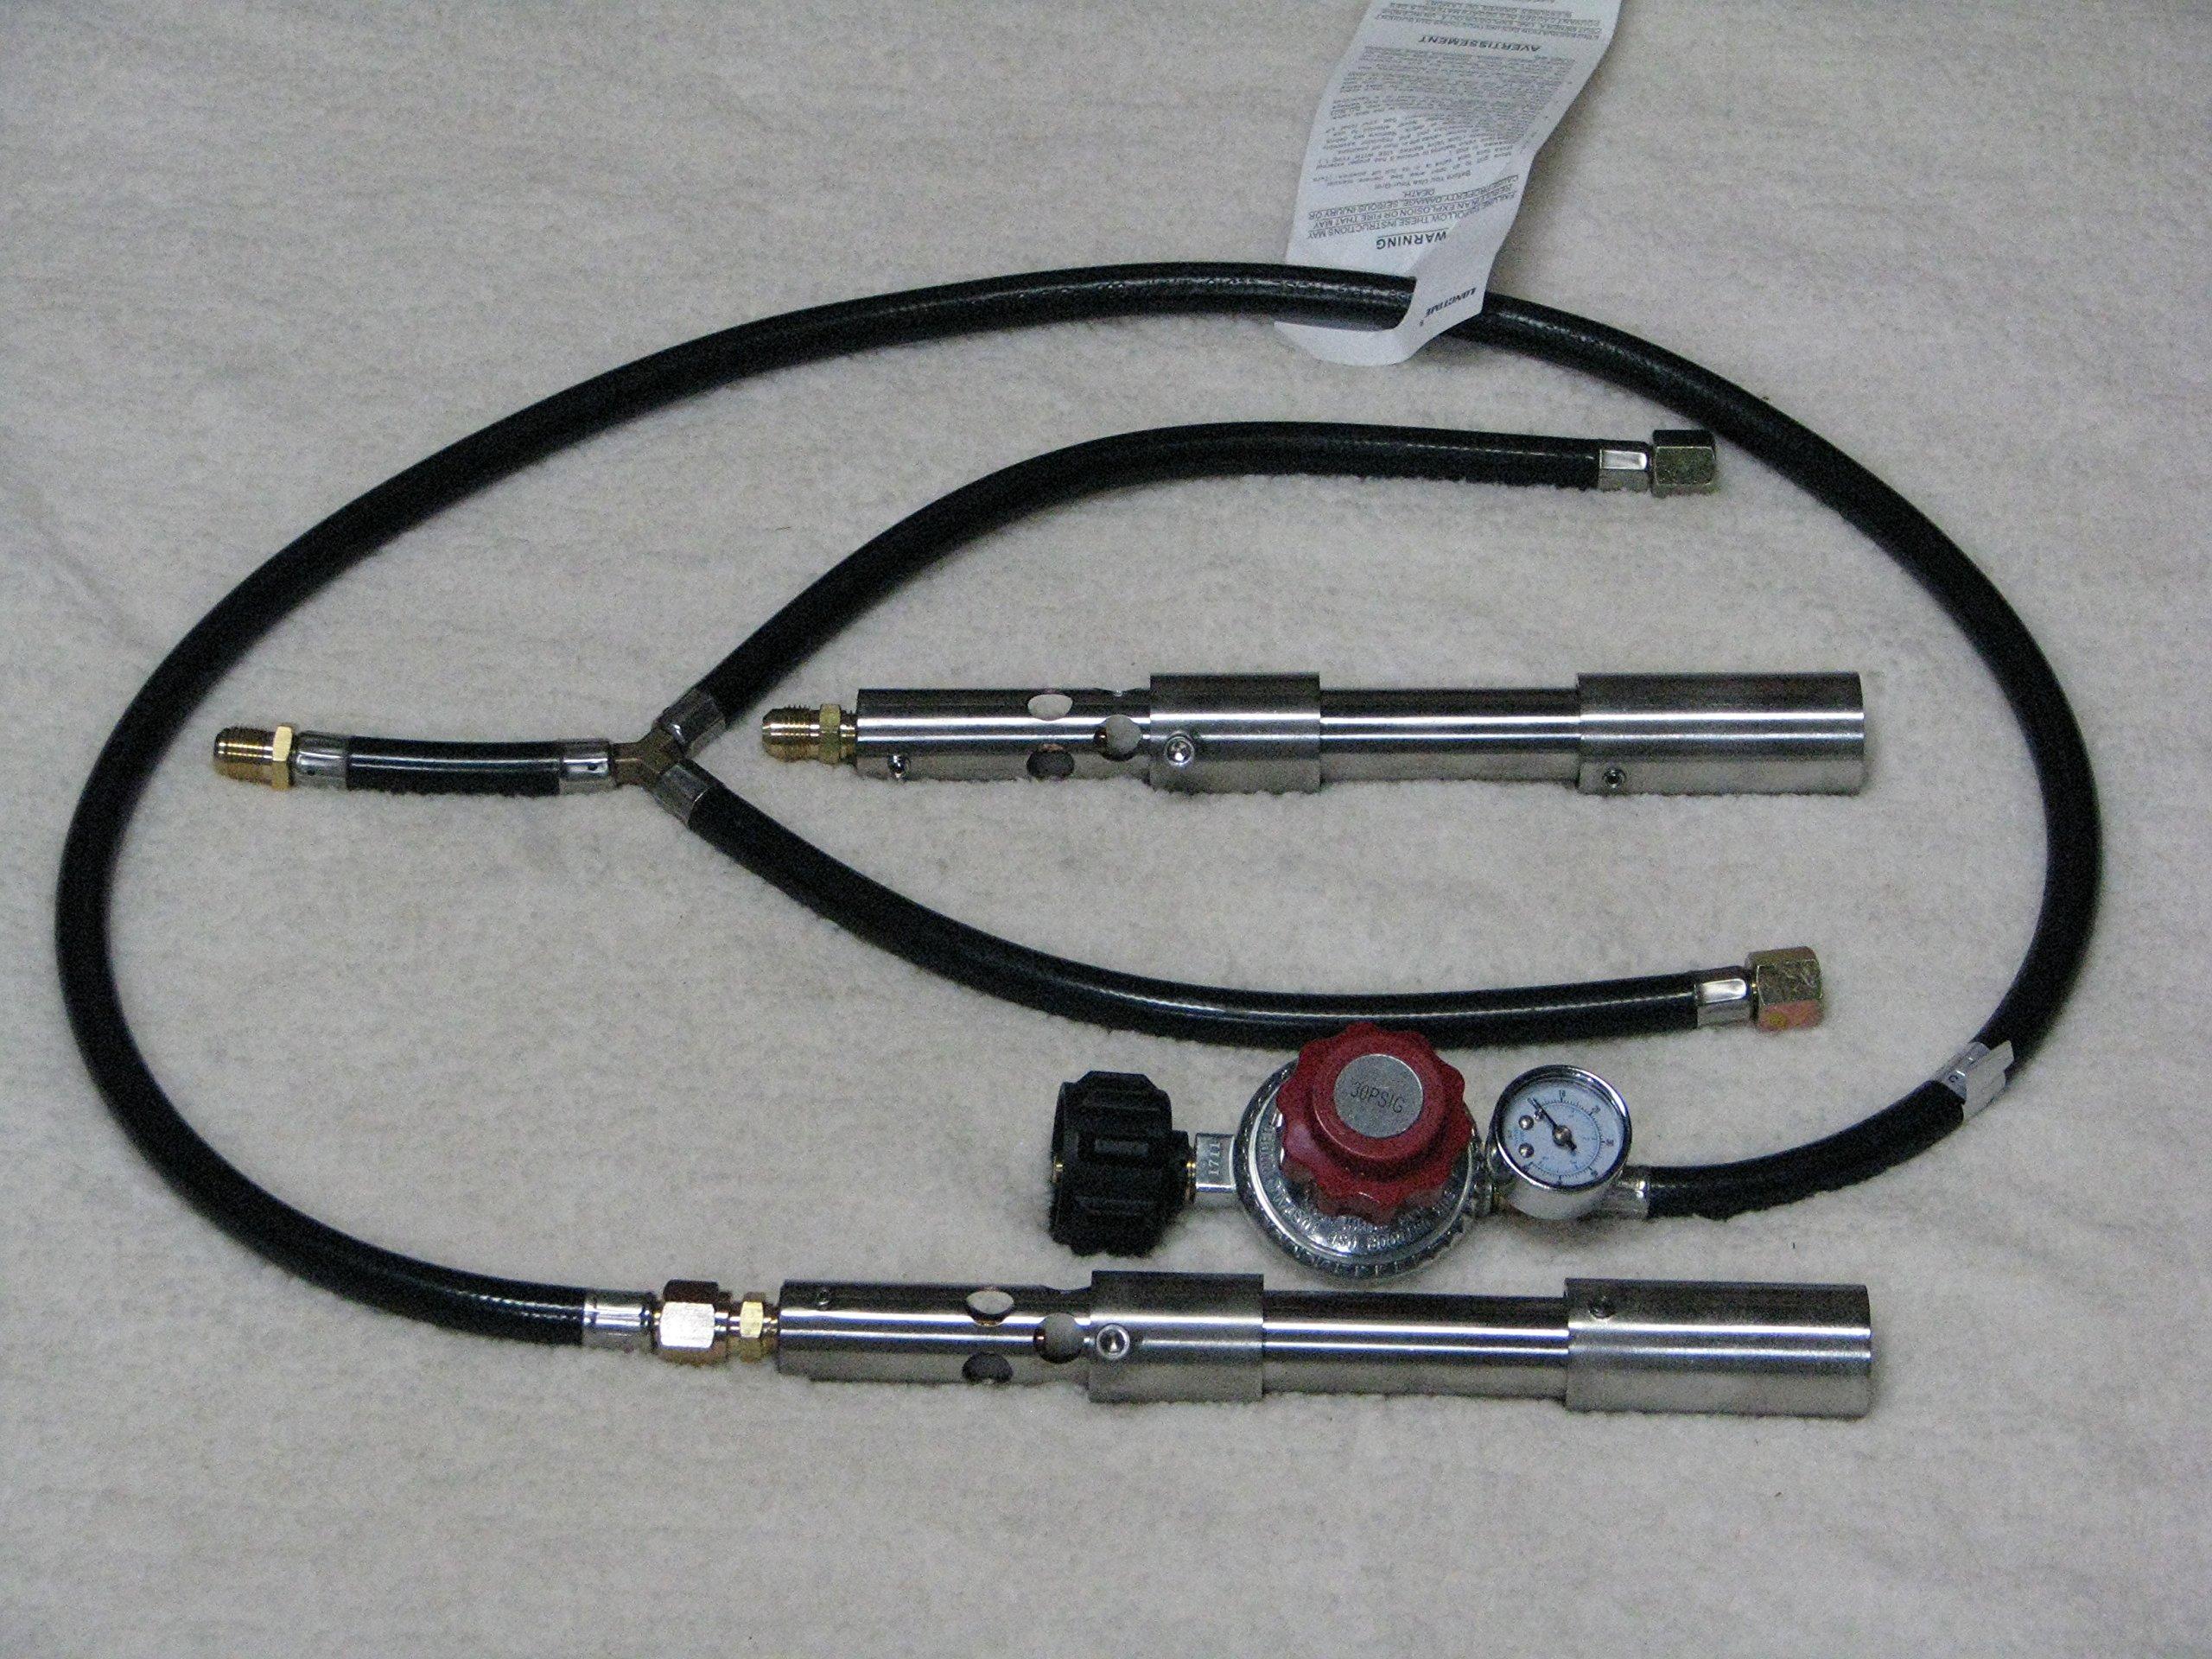 Goede G-4 Forge/Foundry Burner System